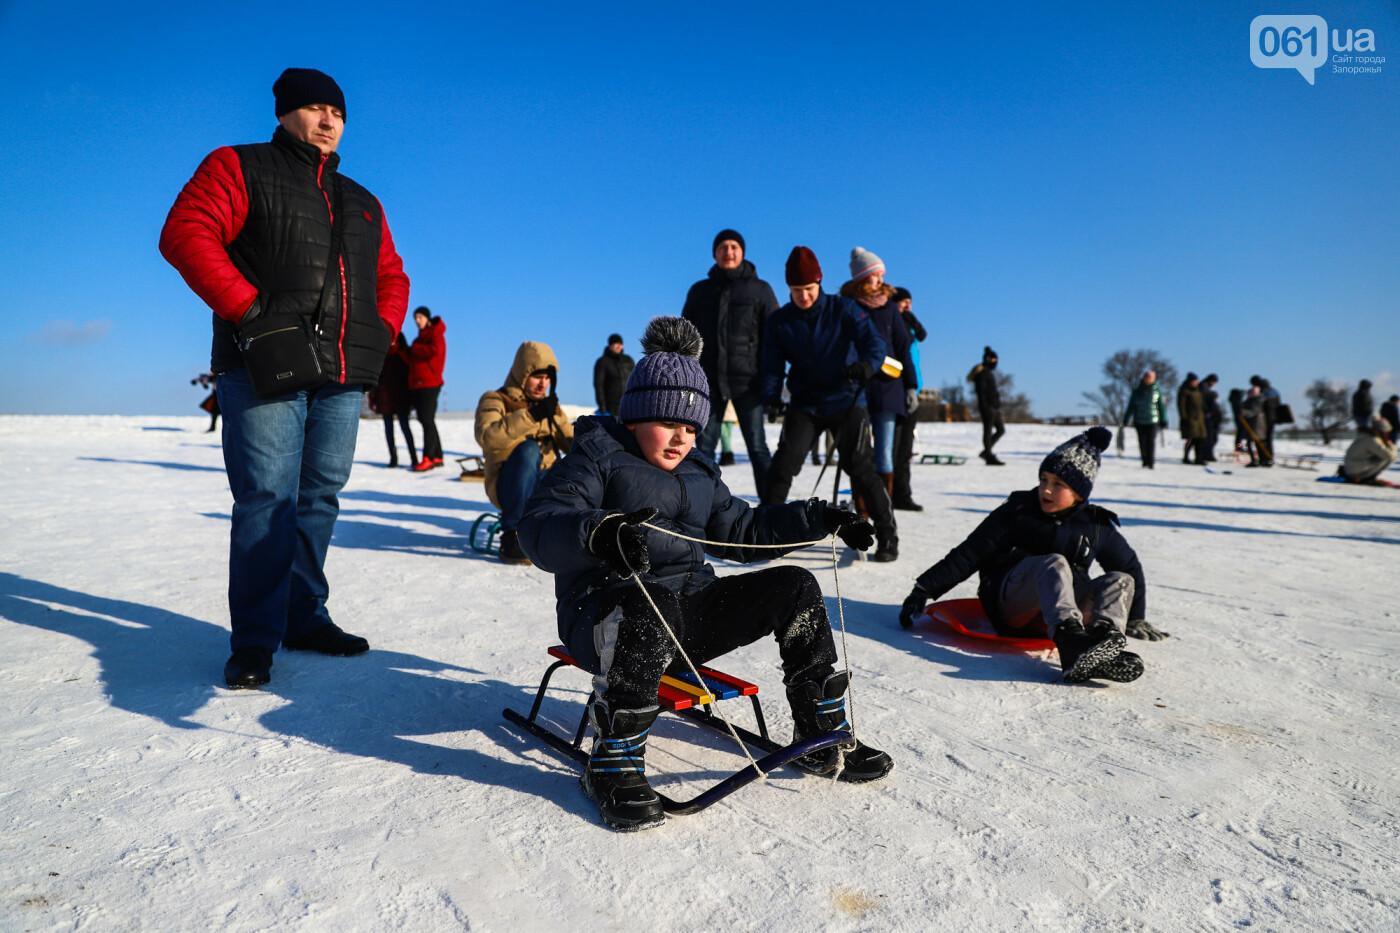 На санках, лыжах и сноуборде: запорожцы устроили массовое катание с горок в Вознесеновском парке, - ФОТОРЕПОРТАЖ, фото-5